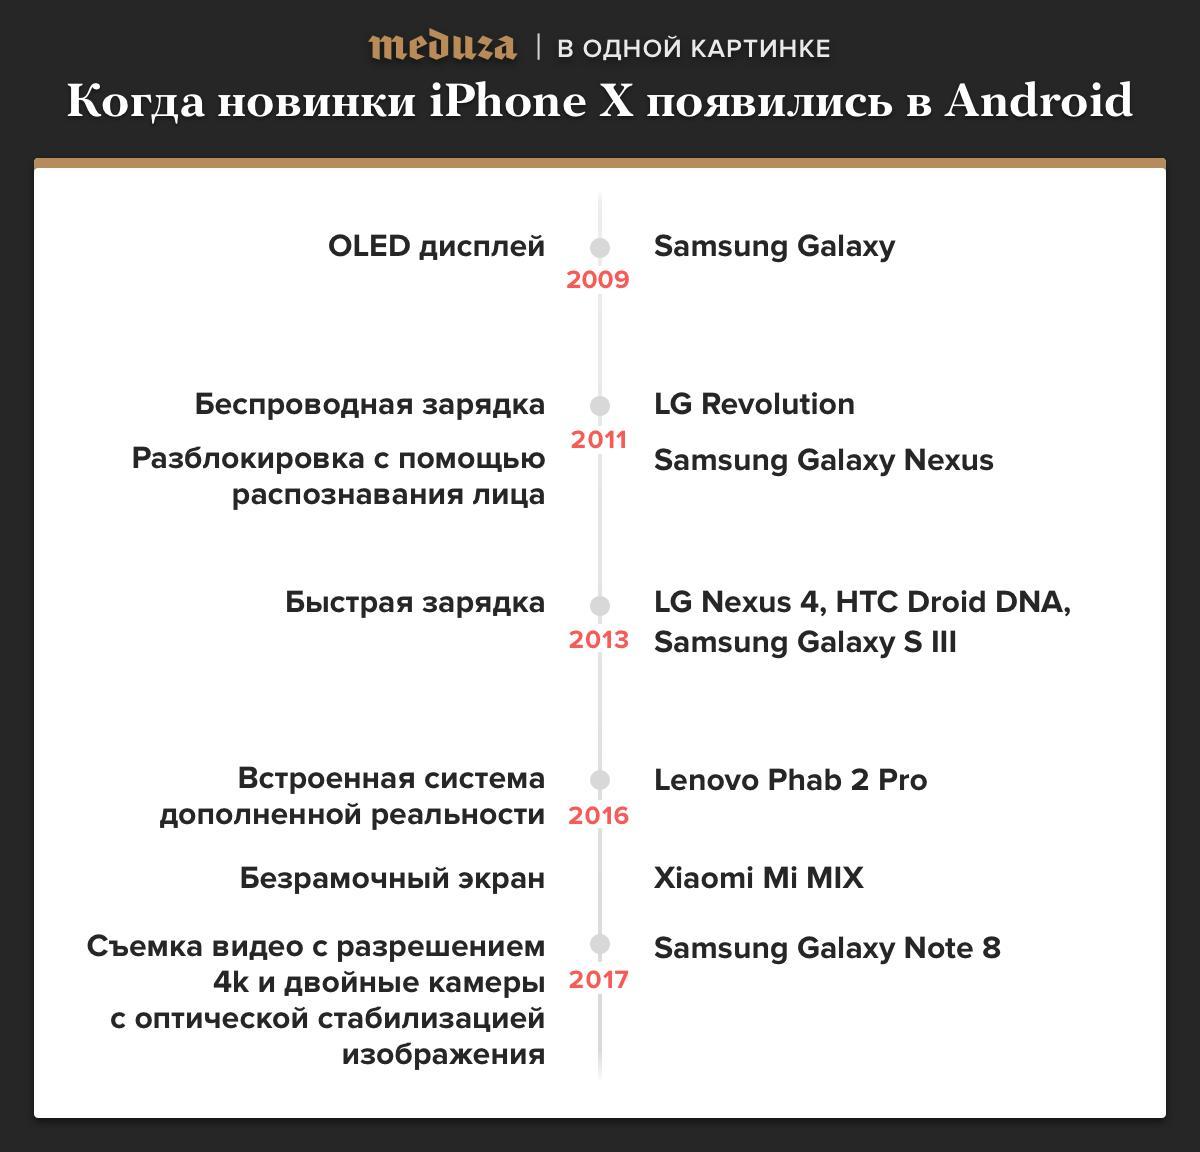 Где и когда новые функции iPhone X появились в первый раз